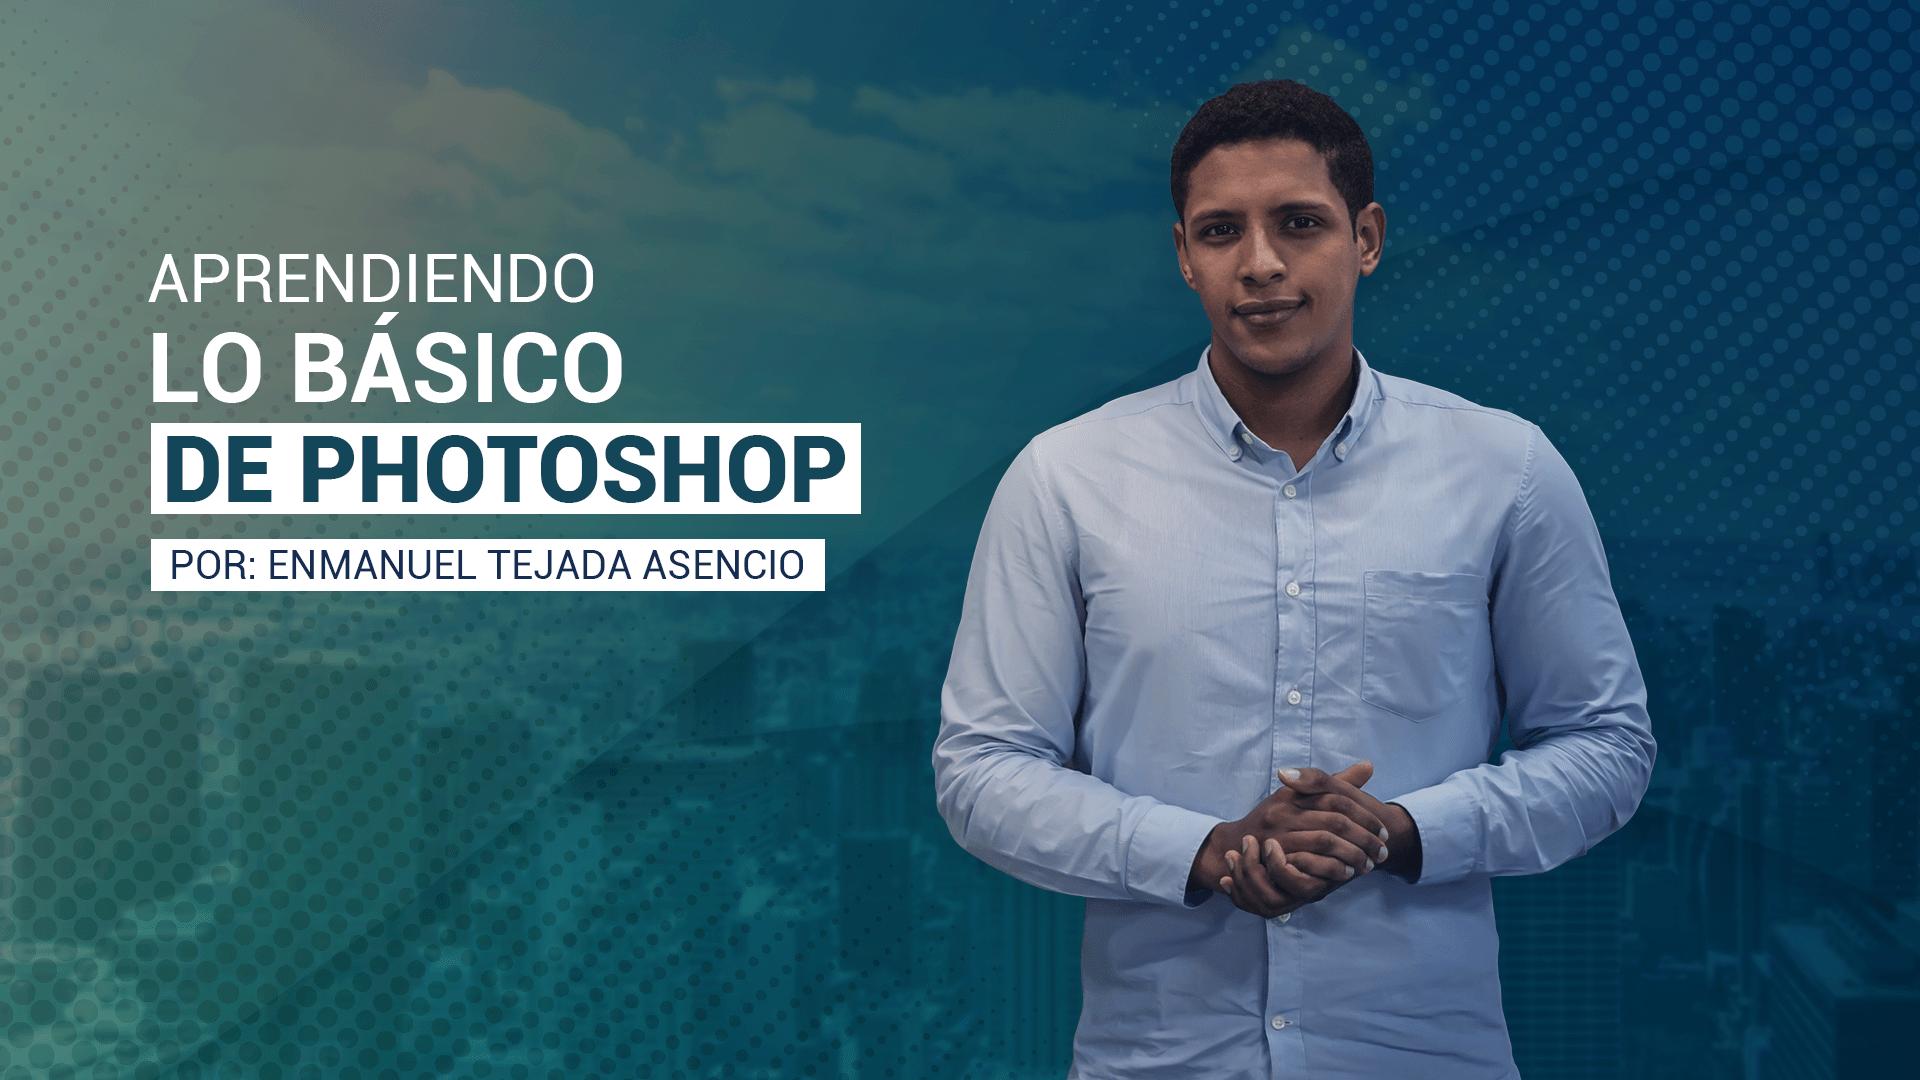 Aprendiendo lo Básico de Photoshop